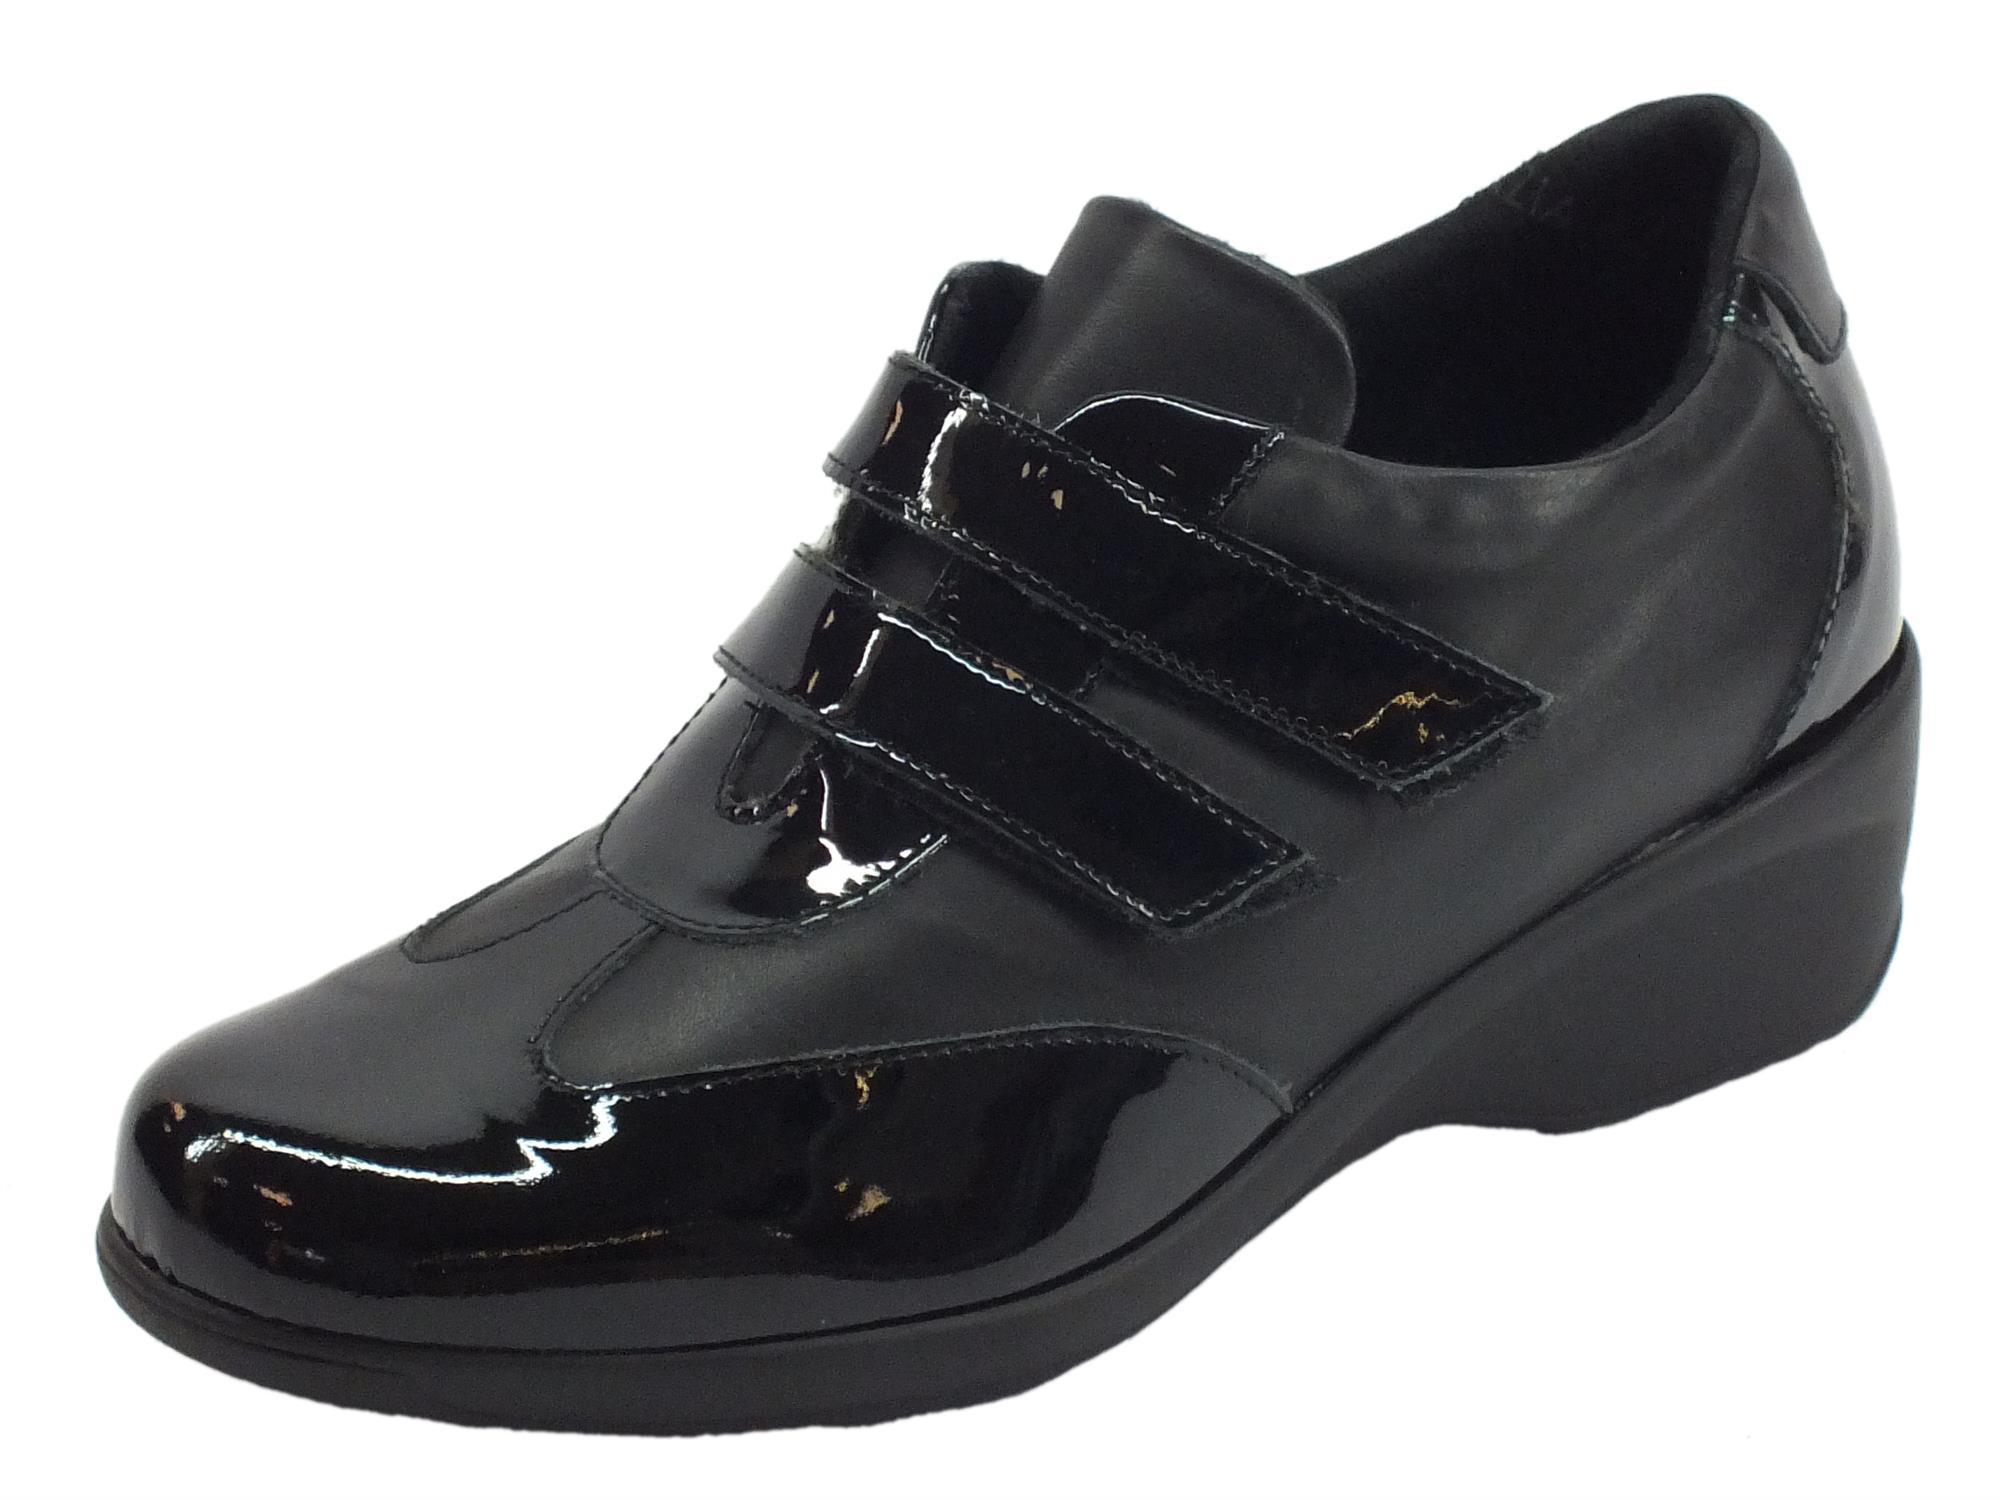 b87bad24c6857 Sneakers Confort Cinzia Soft donna pelle vernice nera - Vitiello ...